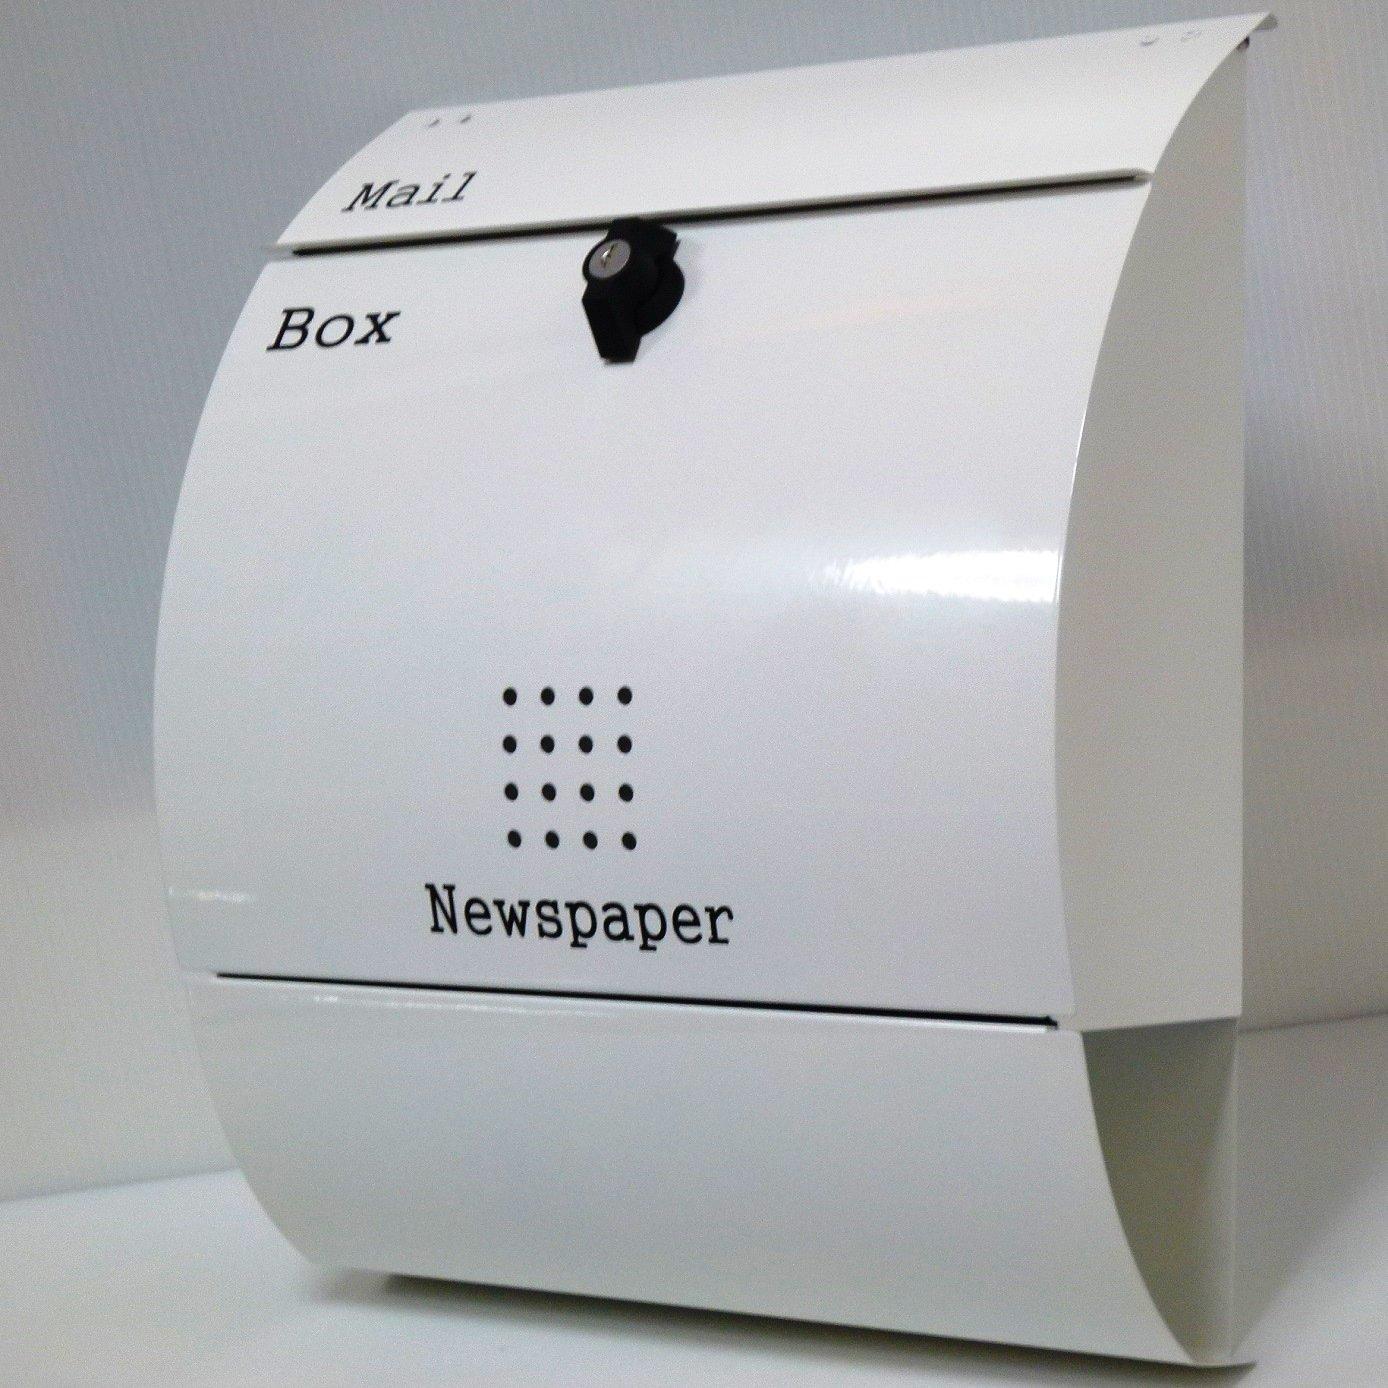 ポスト 郵便ポスト 郵便受け メールボックス壁掛けホワイト白色 ステンレスポストm033 B008I5BYJA 12880